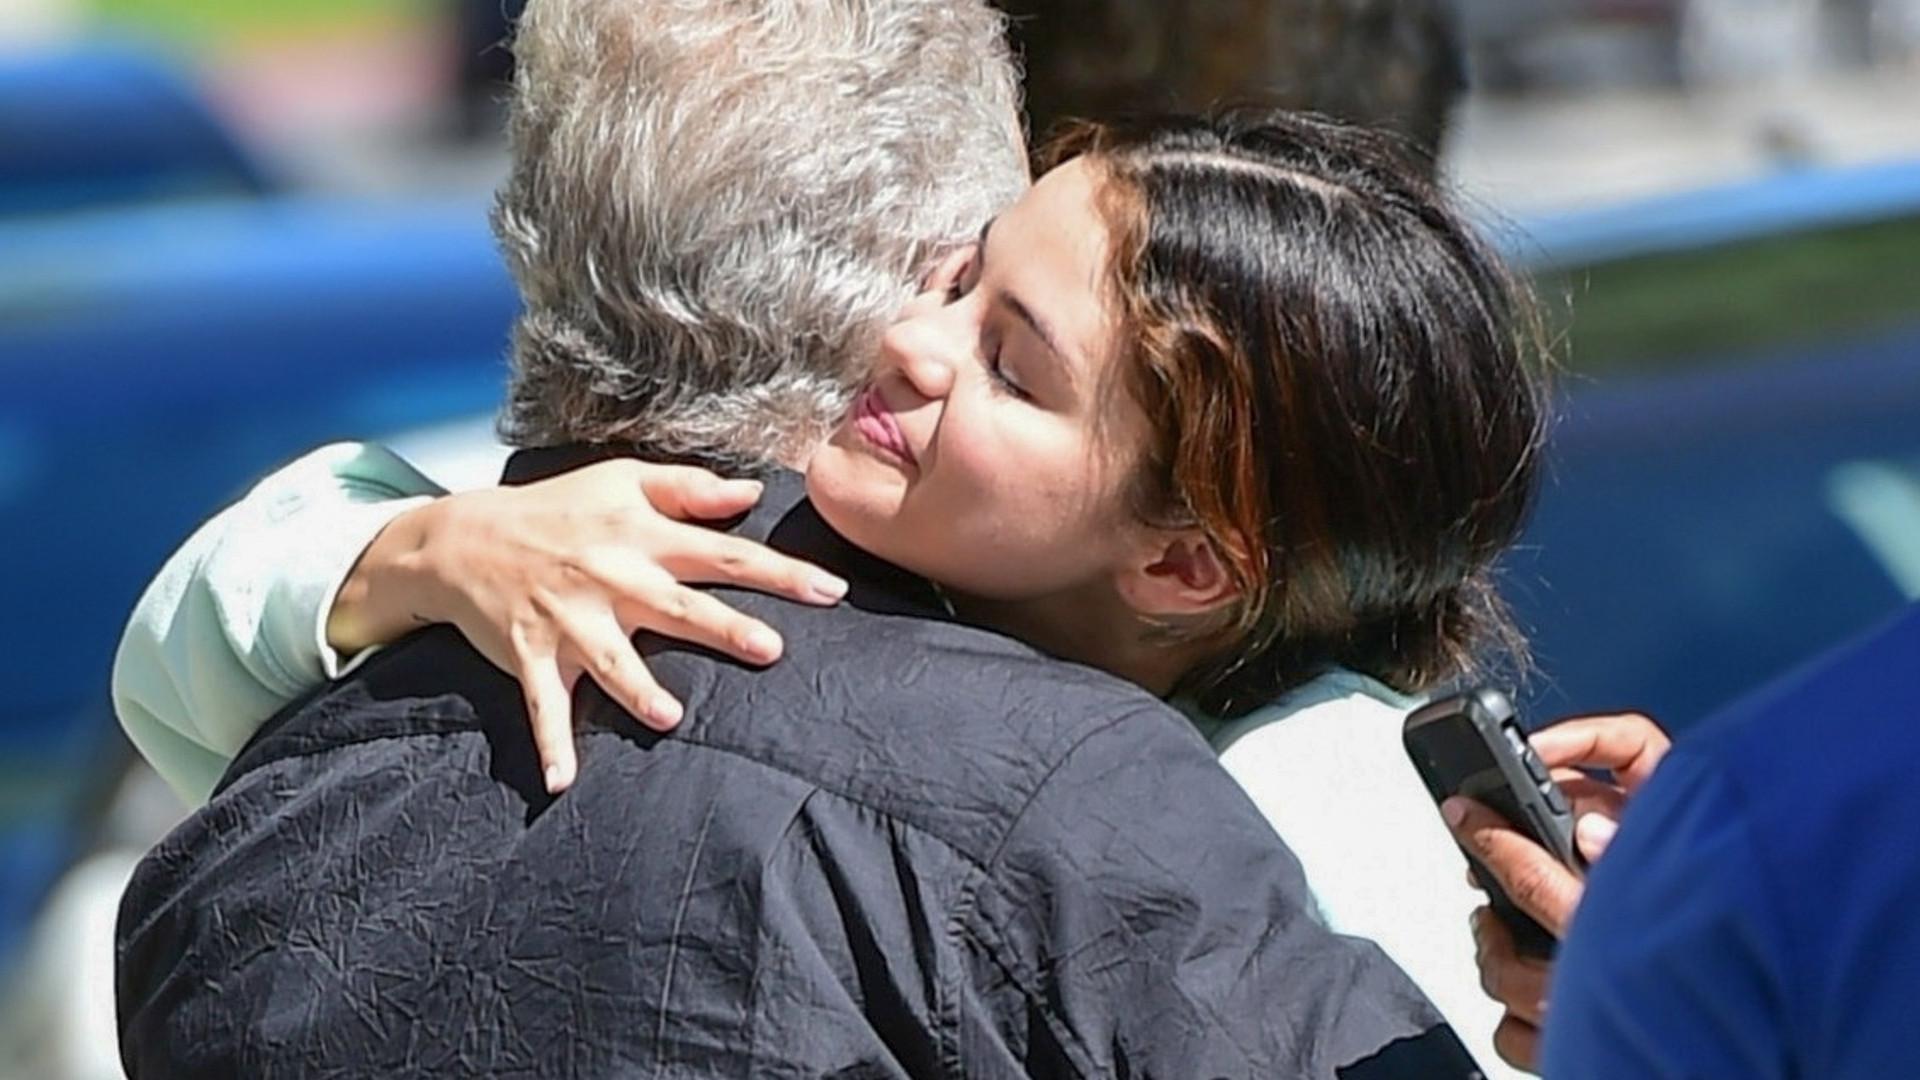 Selena Gomez obejmuje się z mężczyzną – wygląda na dużo starszego od niej (ZDJĘCIA)